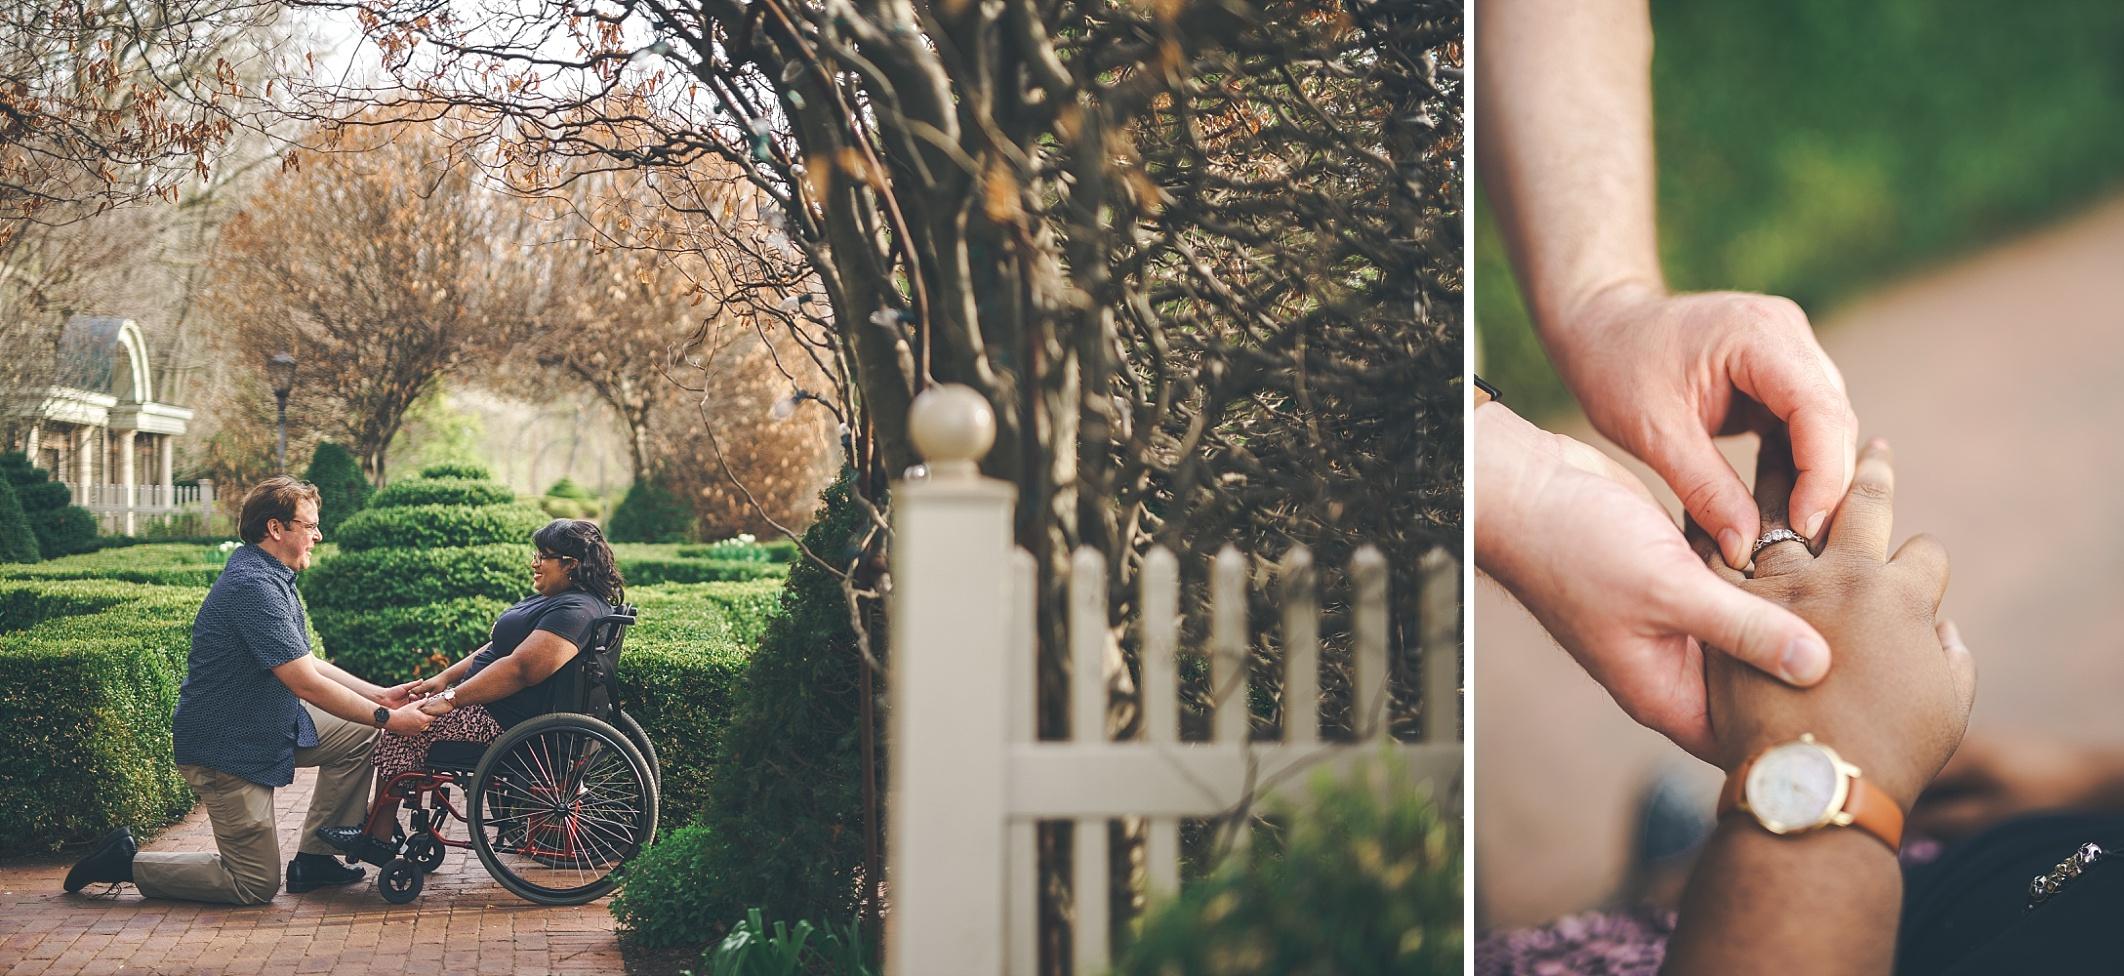 sanfrancisco-engagement-wedding-photographer-dayton-ohio_0401.jpg